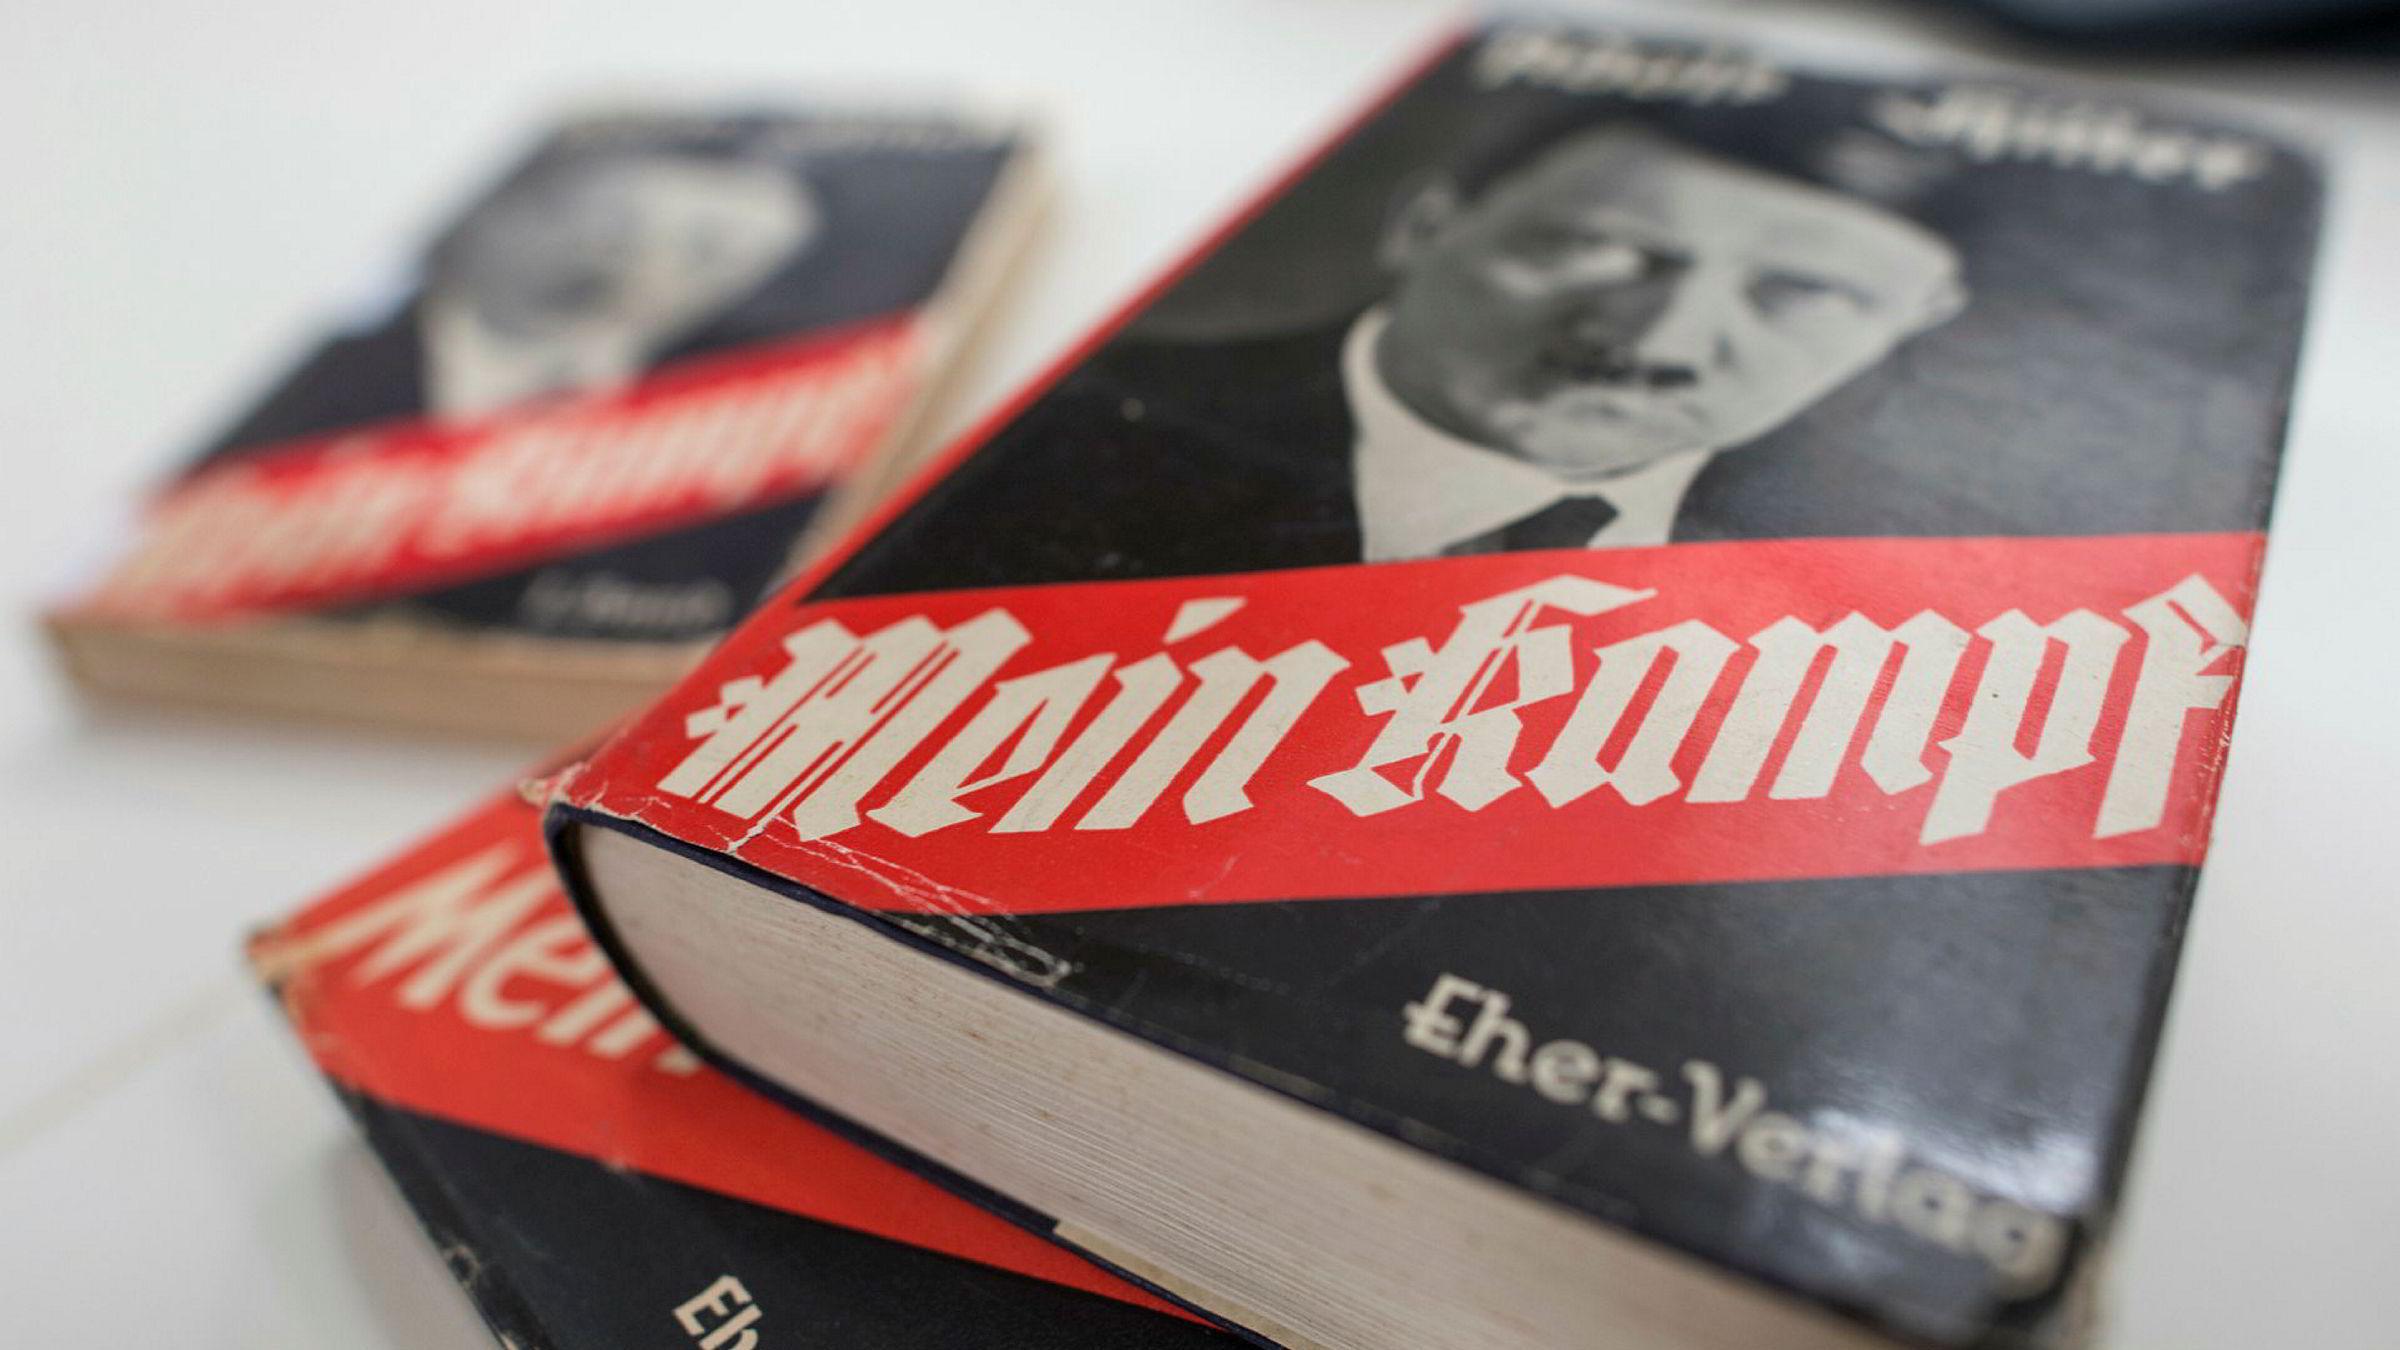 Auksjonshuset får kritikk for å selge en luksusutgave av «Mein Kampf»